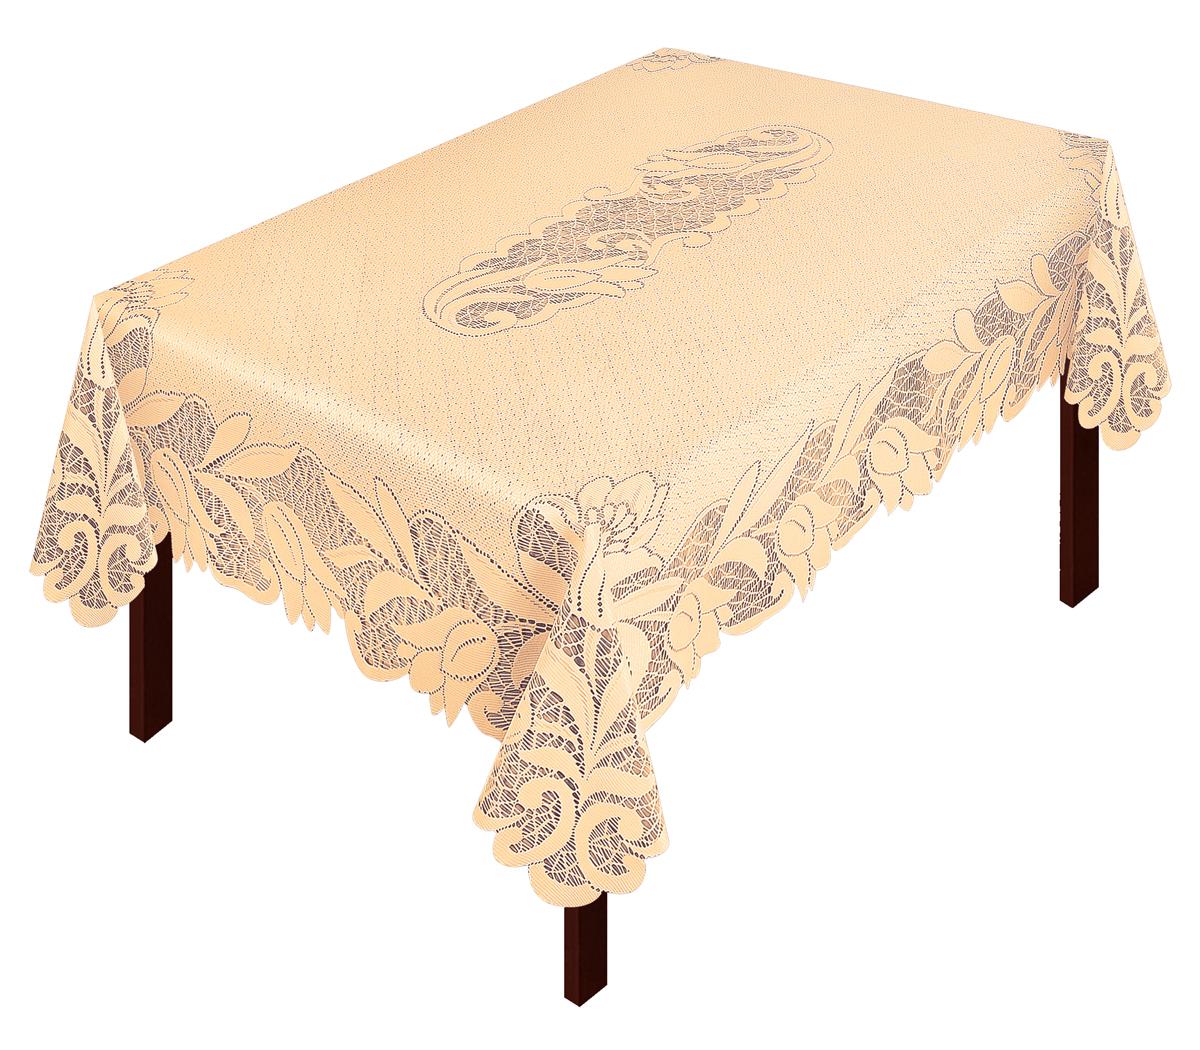 Скатерть Zlata Korunka, прямоугольная, цвет: золотистый, 165 х 120 см10503Скатерть выполнена из полиэстера жаккардового переплетения, не скользит со стола, легко стирается и прослужит Вам долгое время.